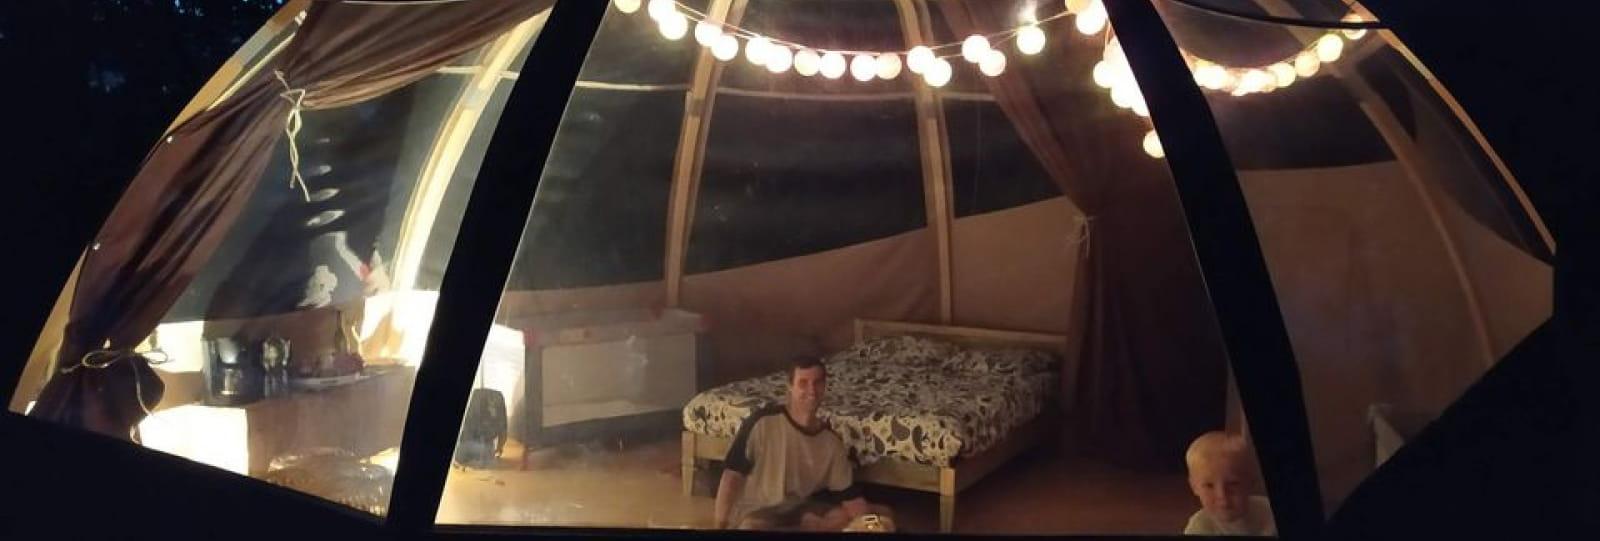 bulle camping de senaud